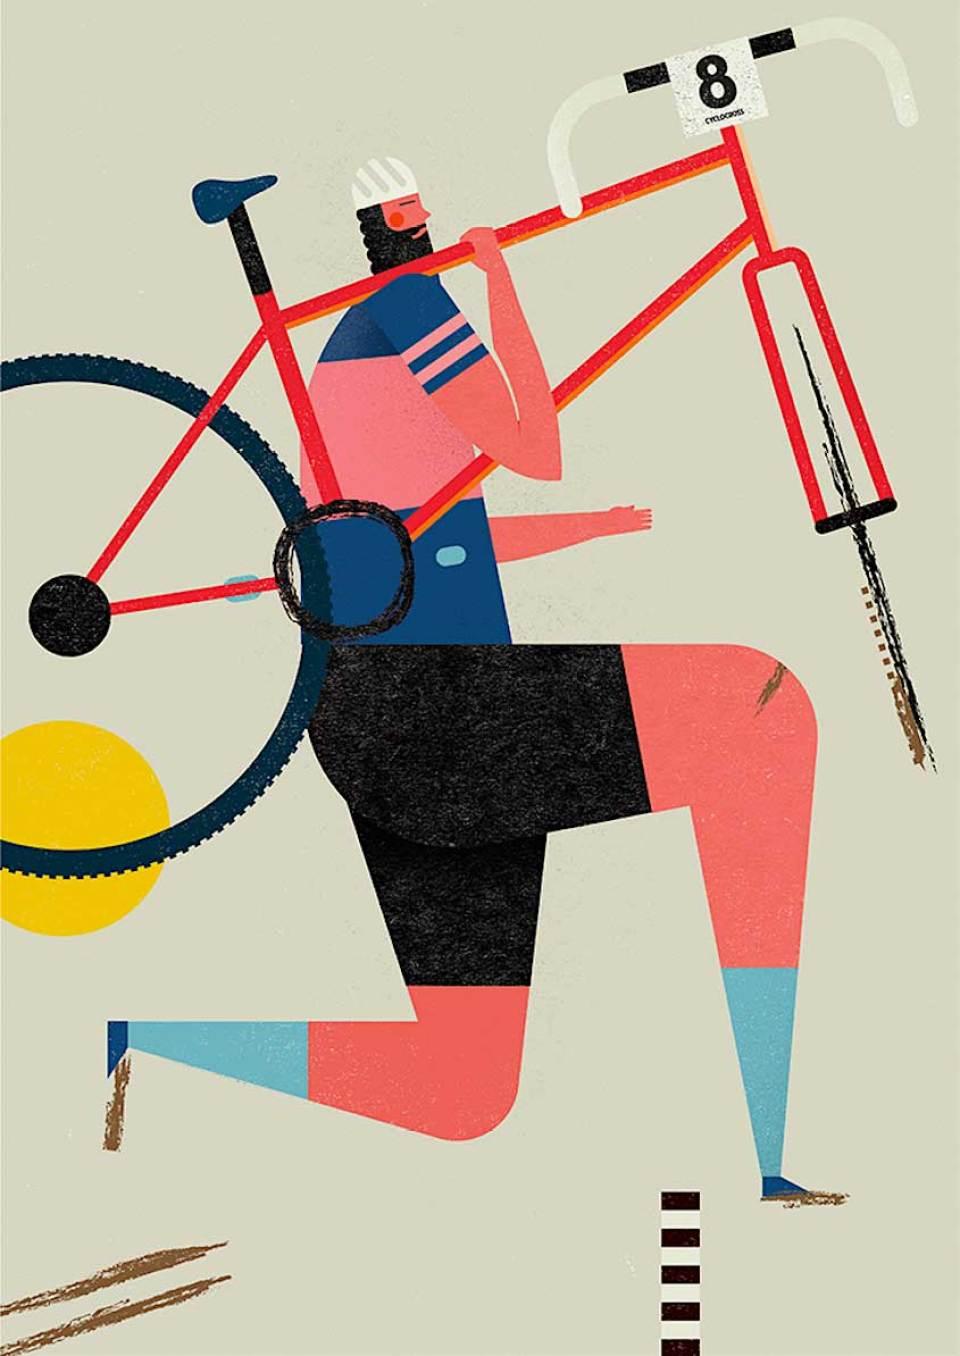 niki-fisher-illustrations_urbancycling_2